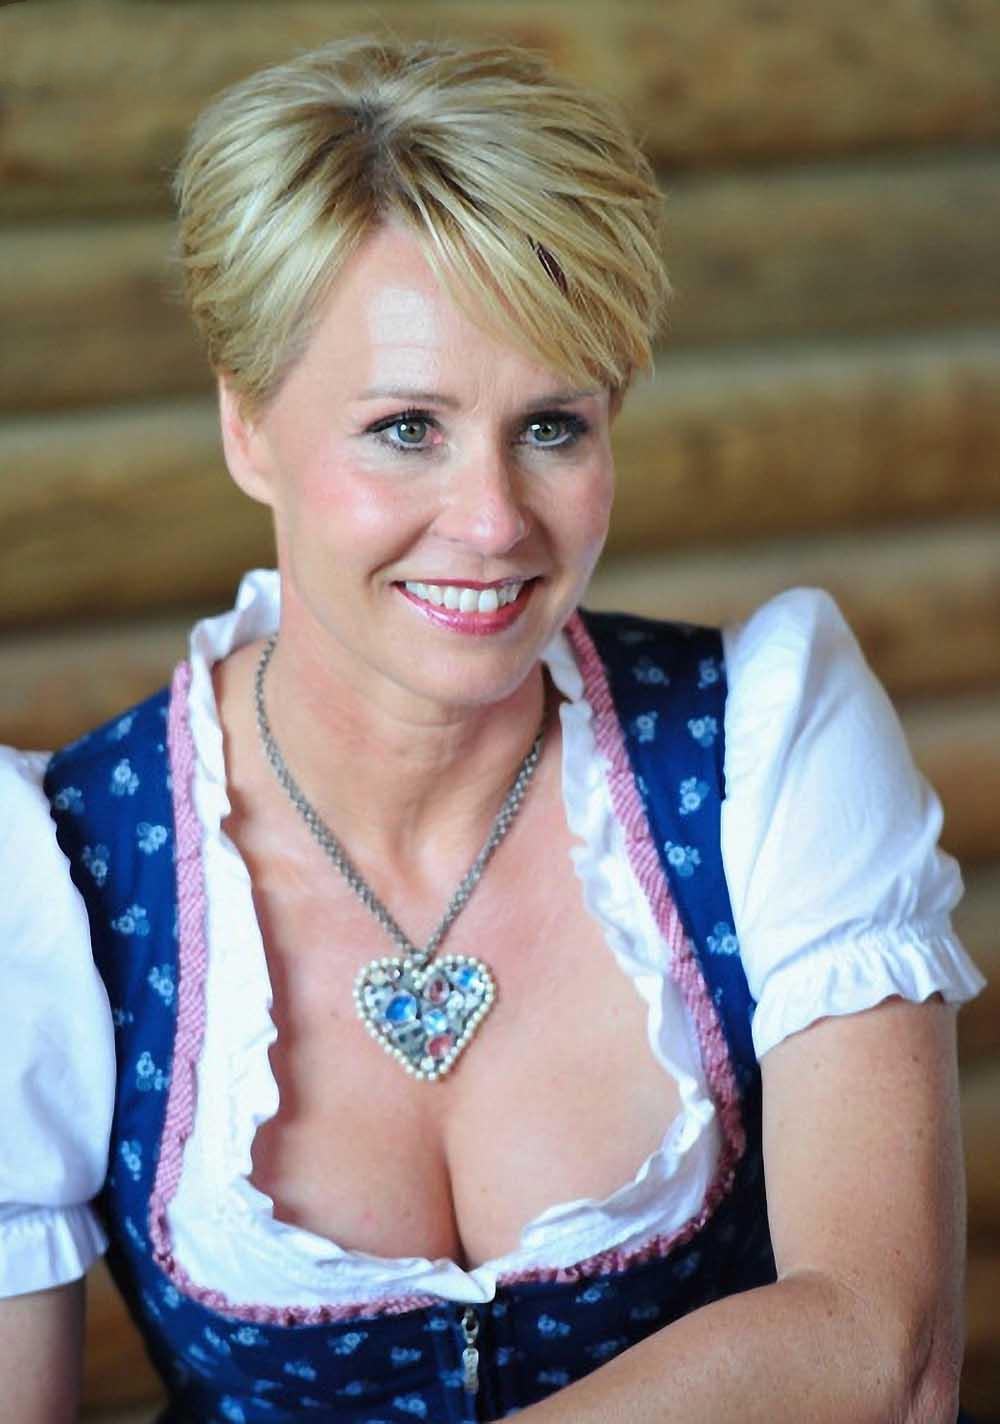 Sonja Zietlow Nackt. Fotografie - 45